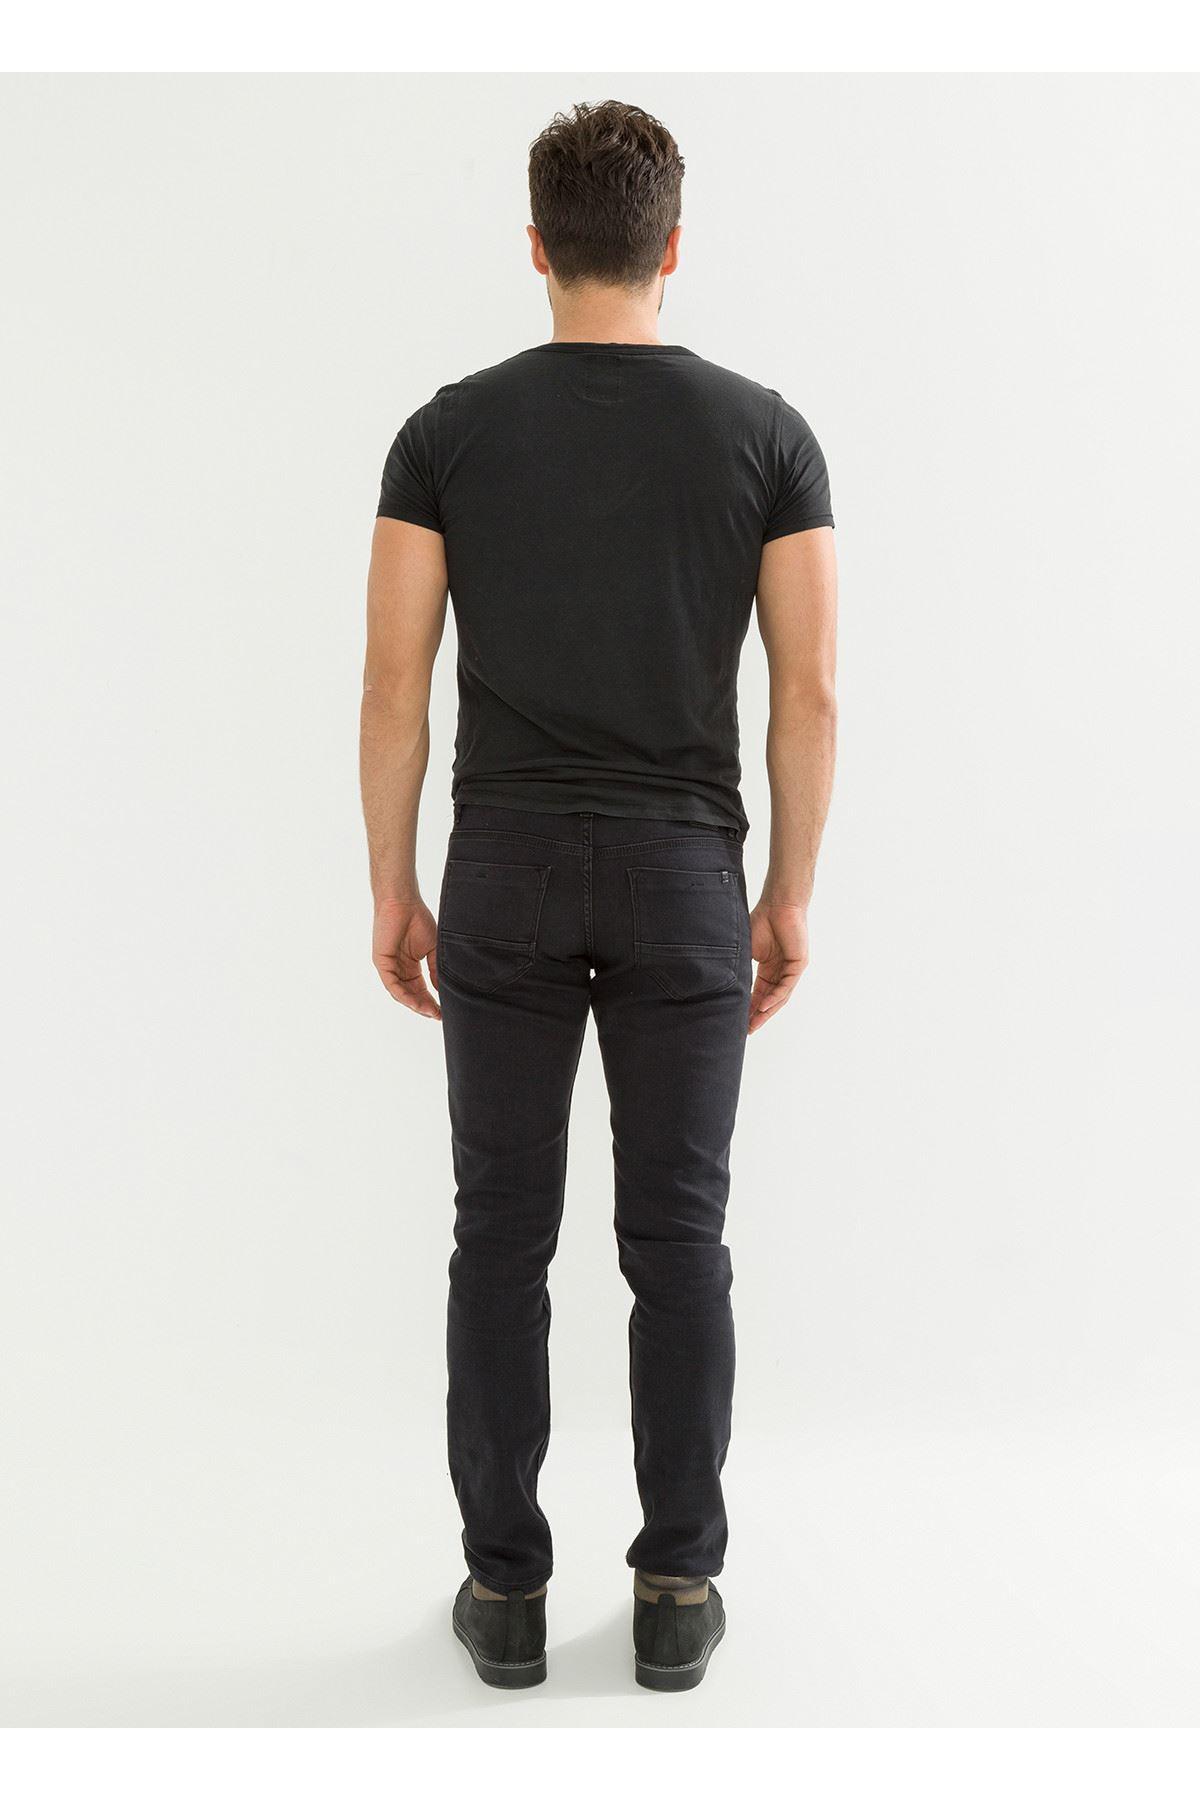 Yeni Sezon Siyah Örme Erkek Kot Pantolon